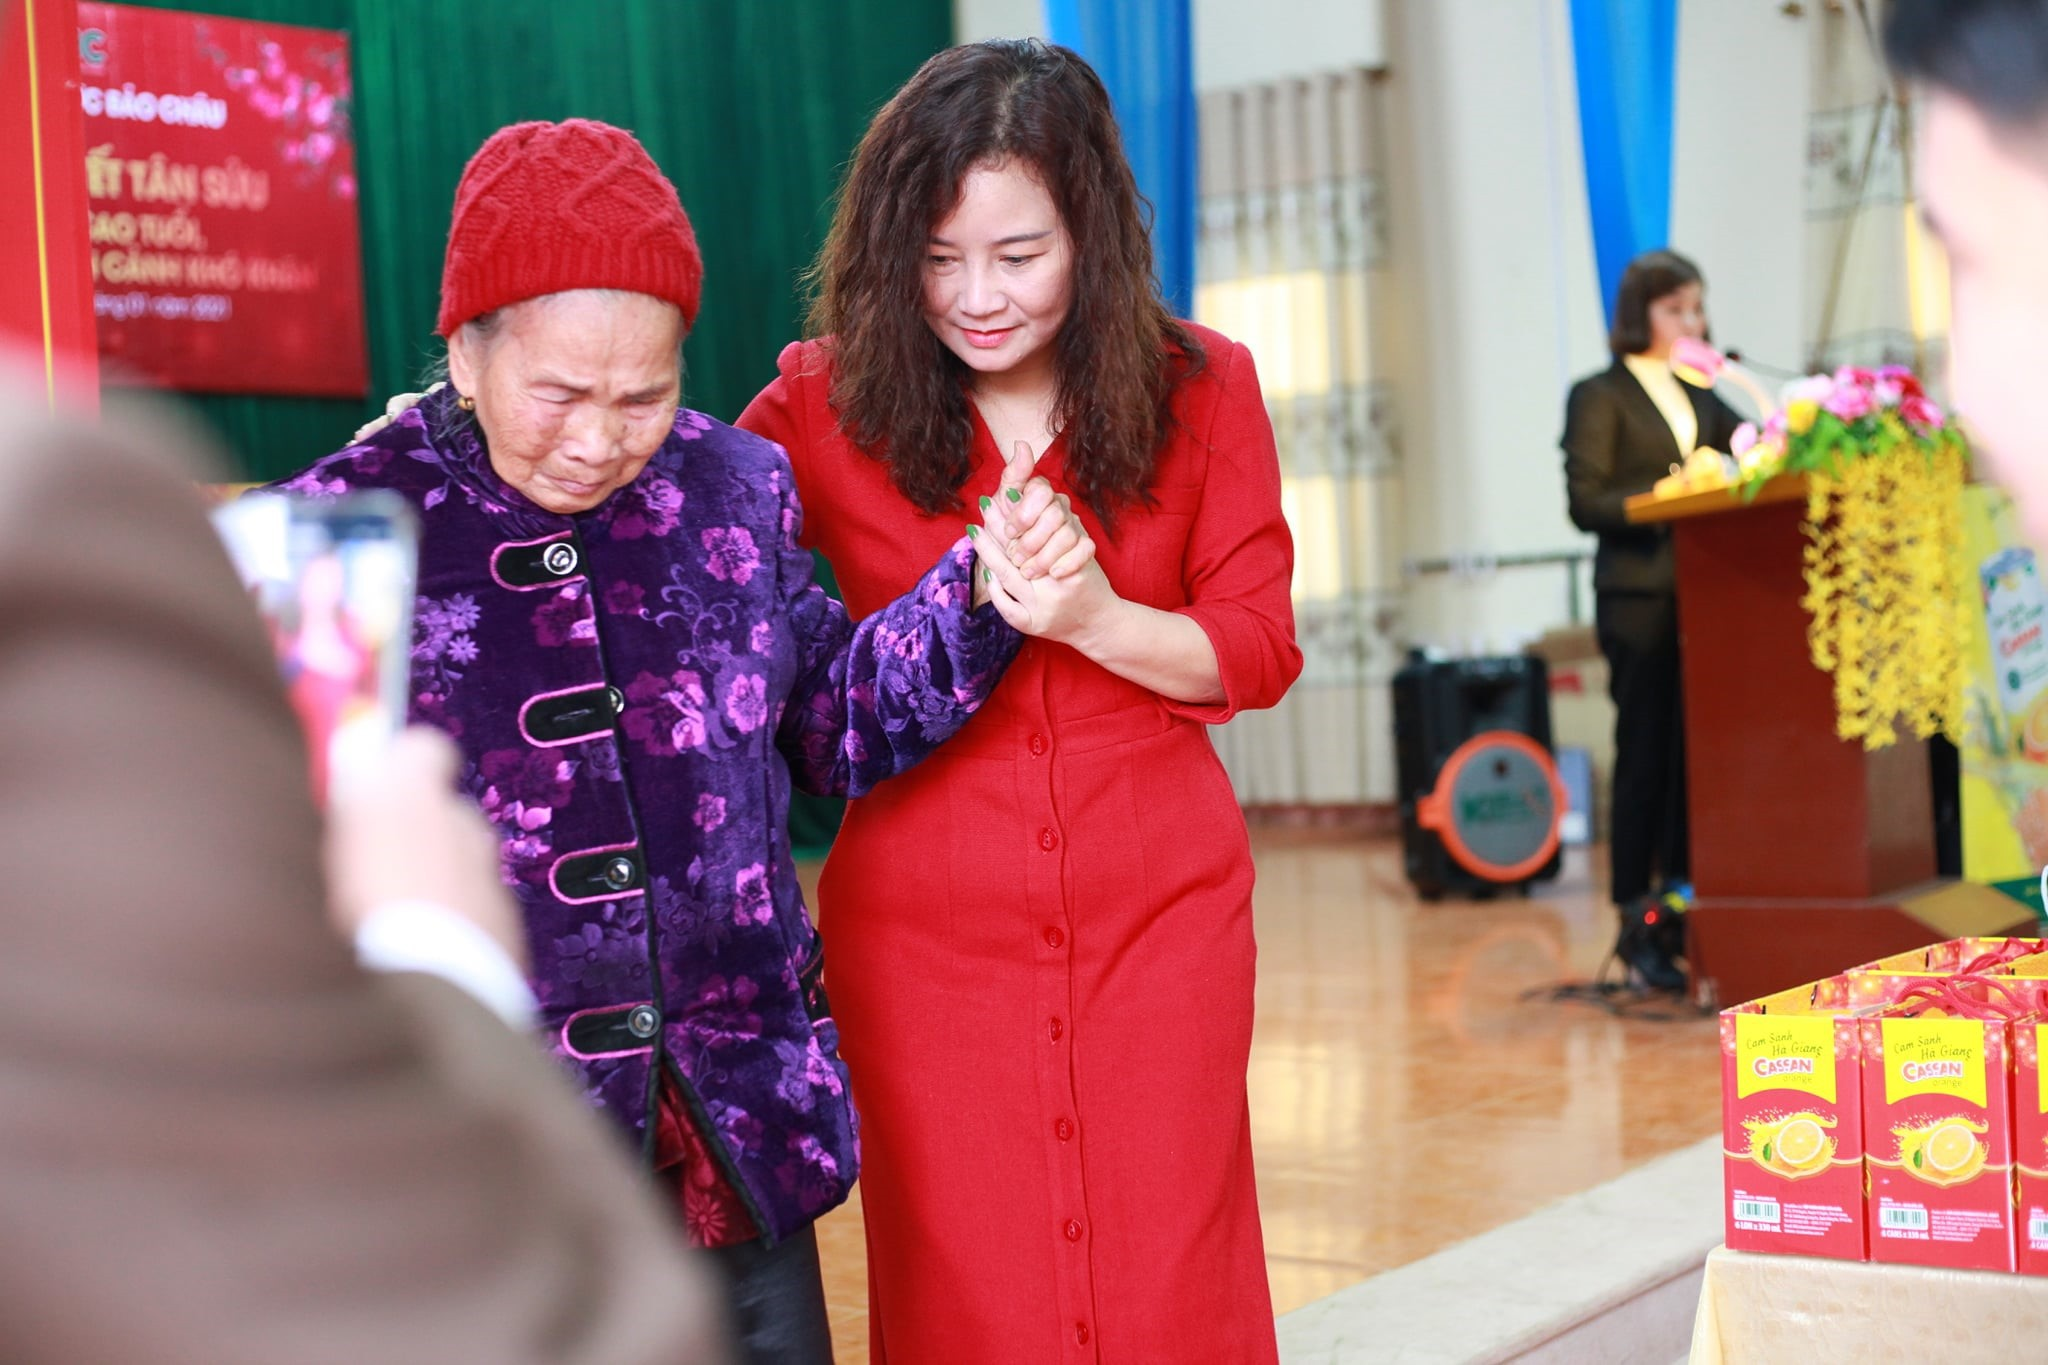 nguyen-lan-huong-2-1617421869.jpg